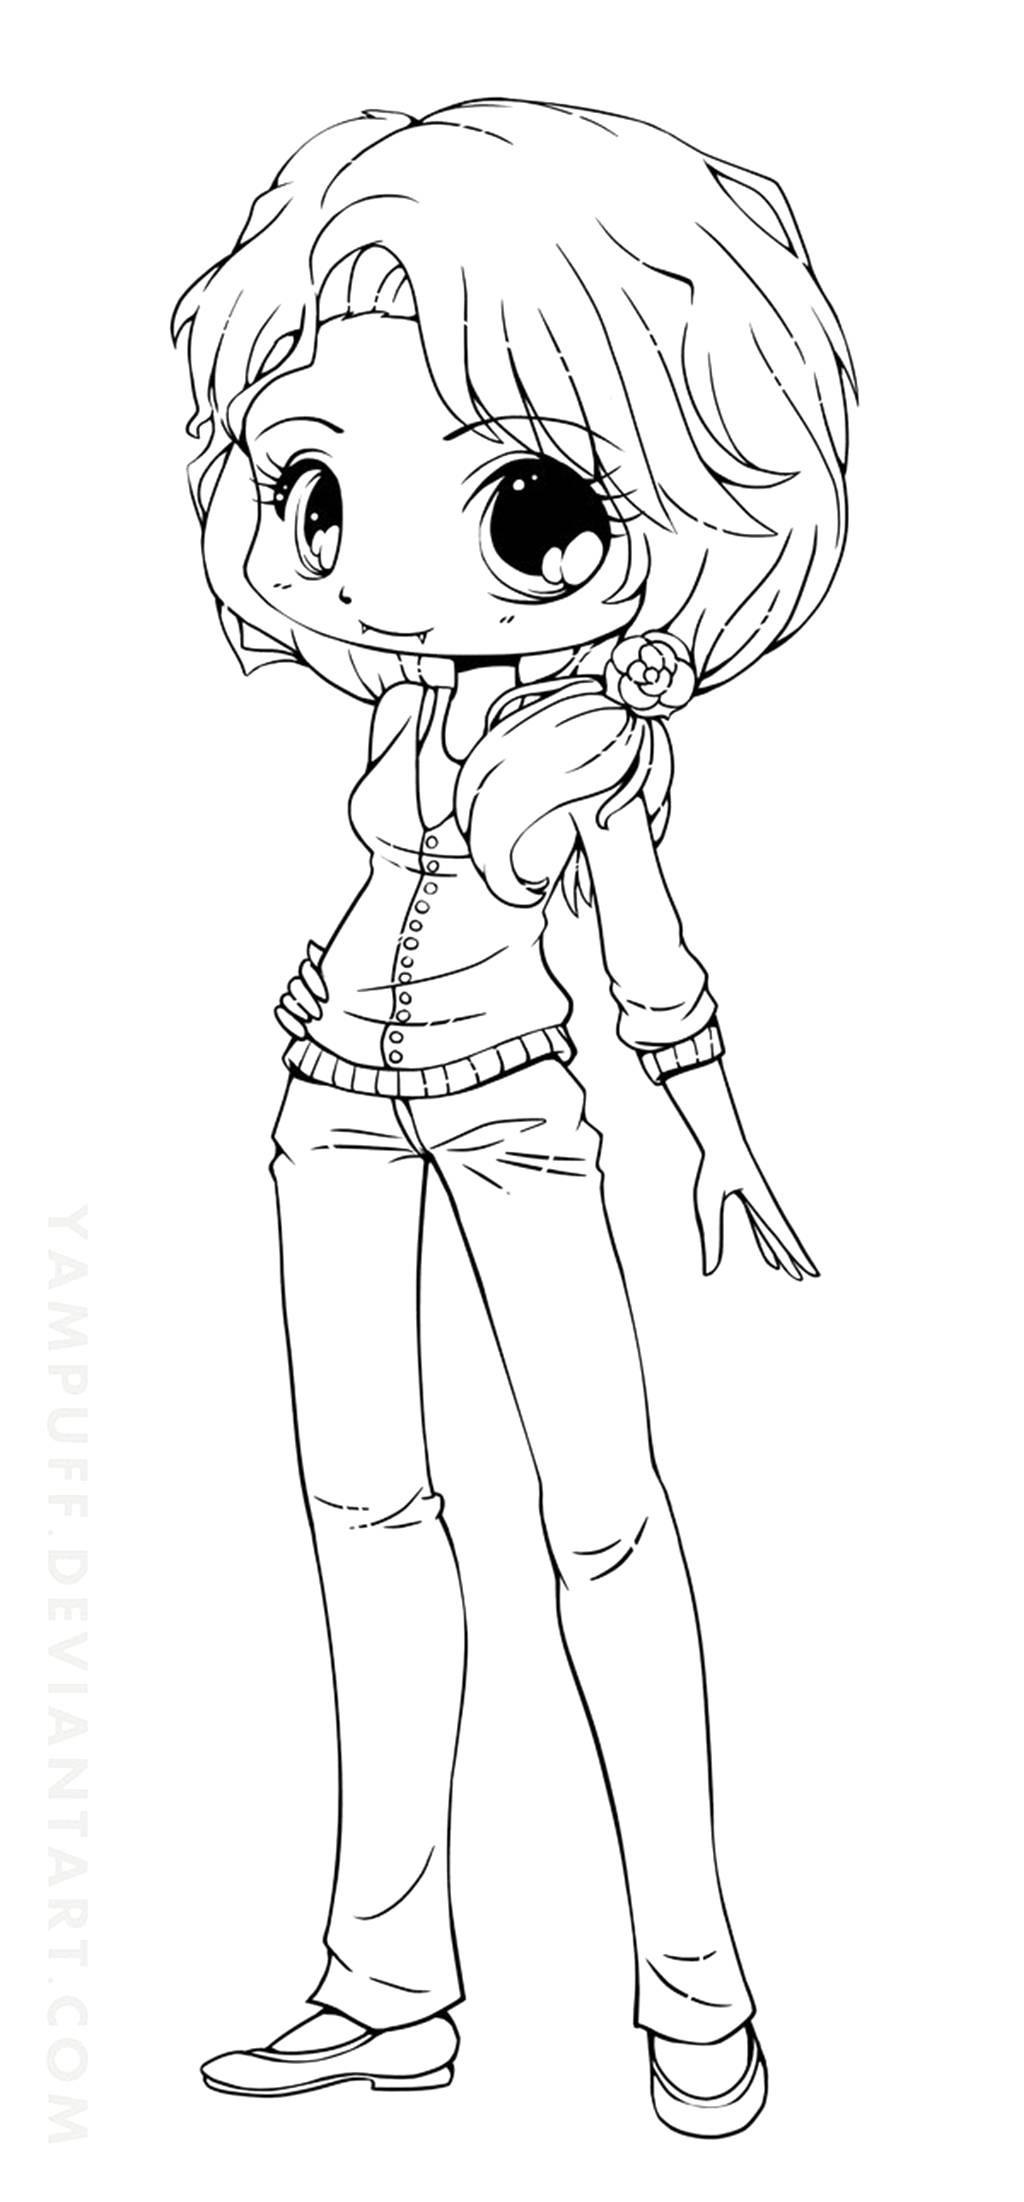 Anime Ausmalbilder Chibi  Brillant Anime Ausmalbilder Chibi 88 Für dein Malvorlagen